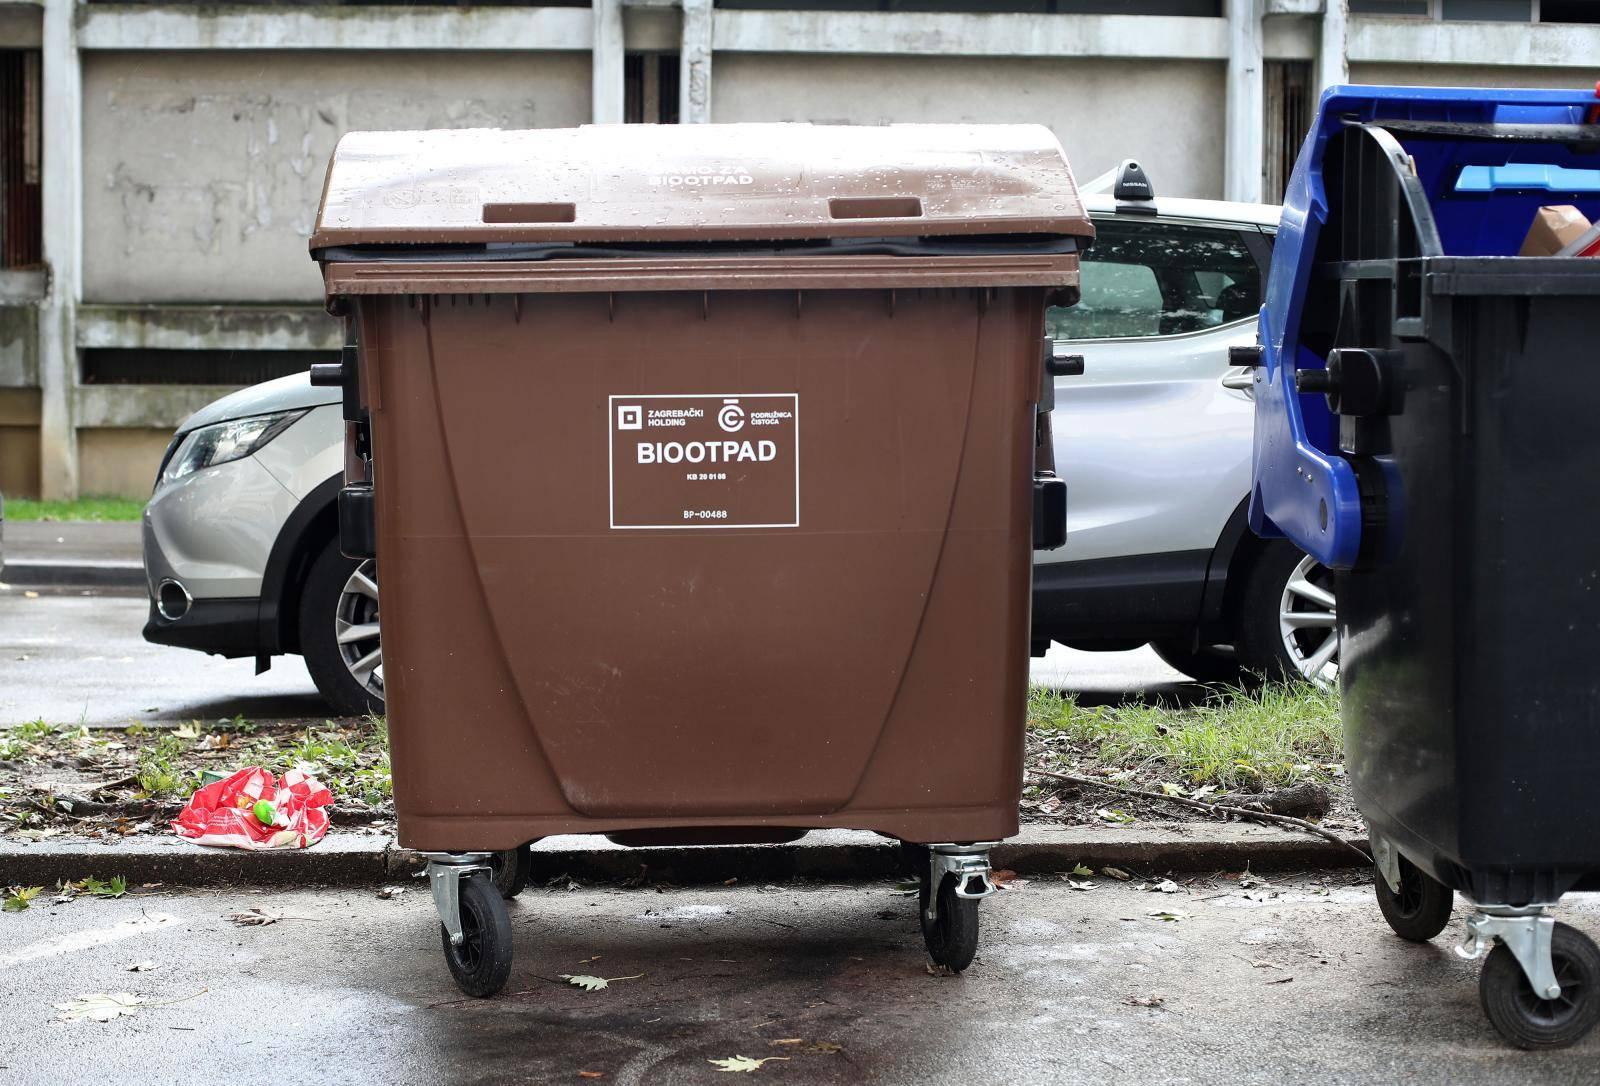 Čistoća: I dalje odvozimo sav biootpad, a samo iznimno se on skupi zajedno s komunalnim!